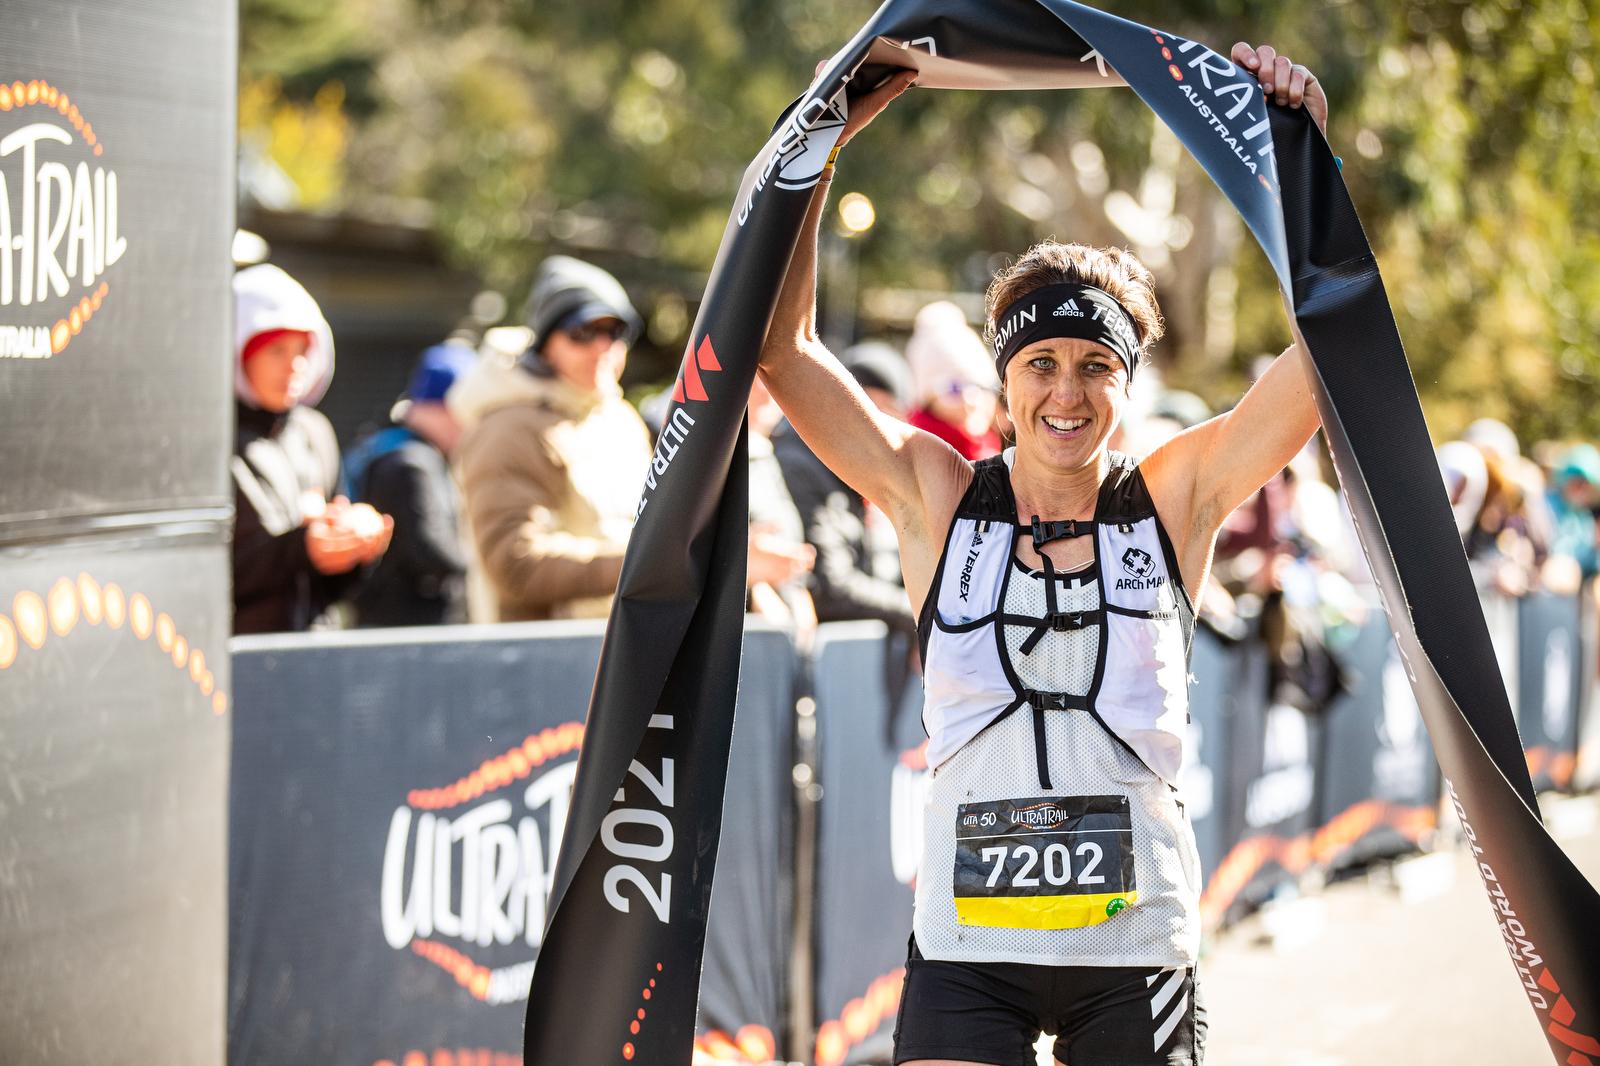 Ruth Croft winning the UTA50